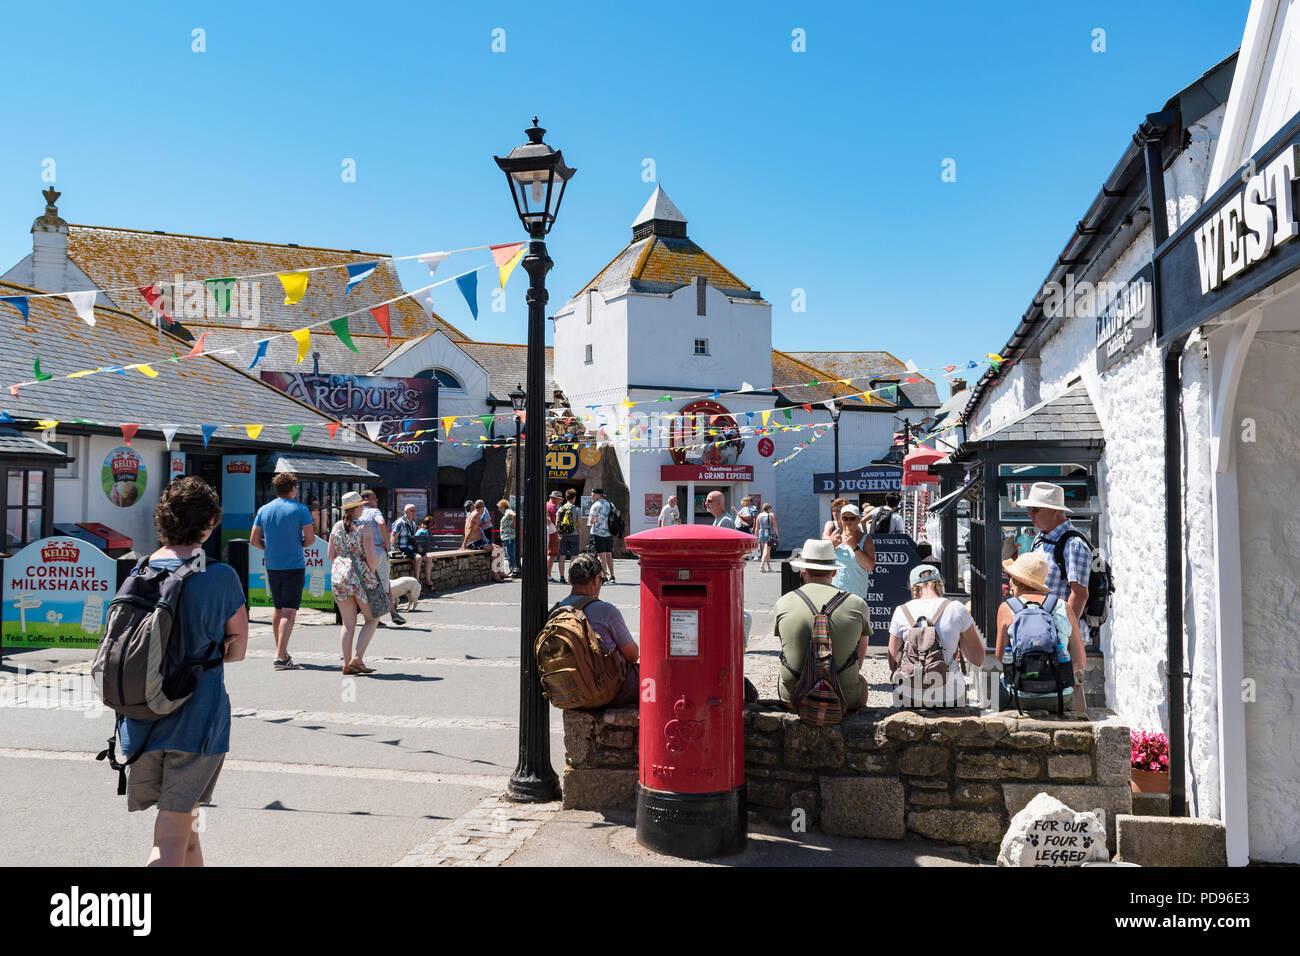 Lands End attrazione turistica in Cornovaglia, Inghilterra, Regno Unito. Immagini Stock